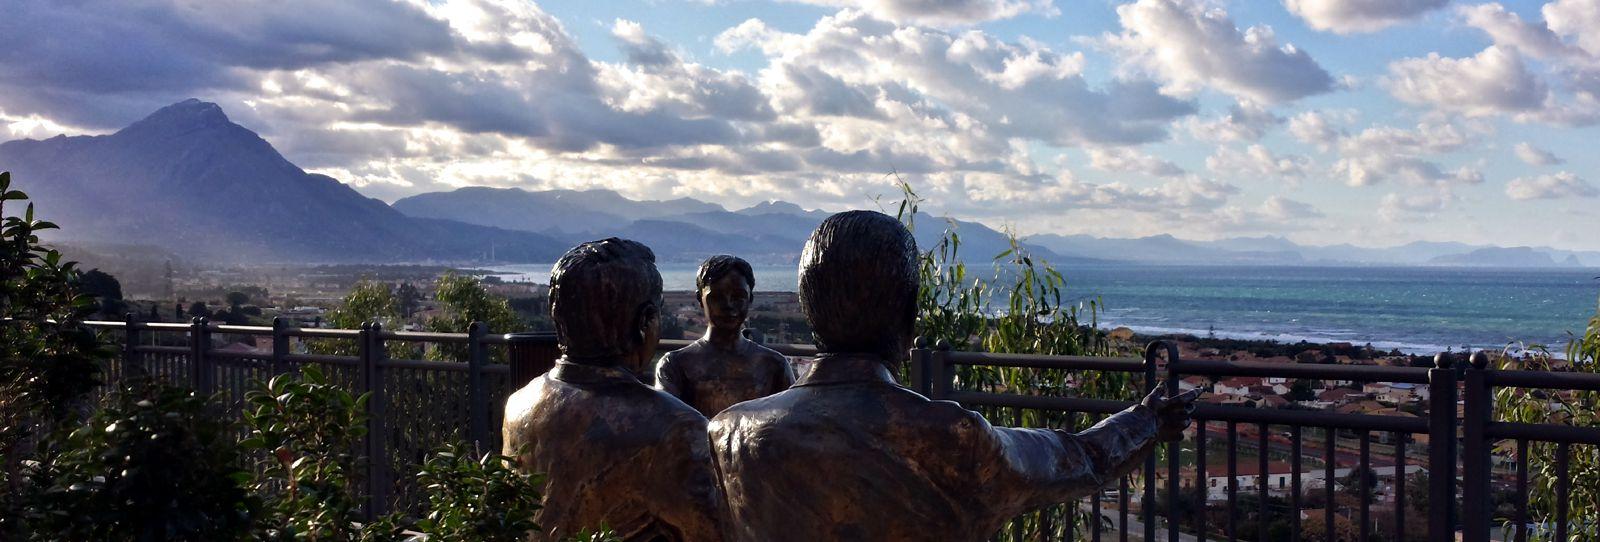 Veduta dal belvedere